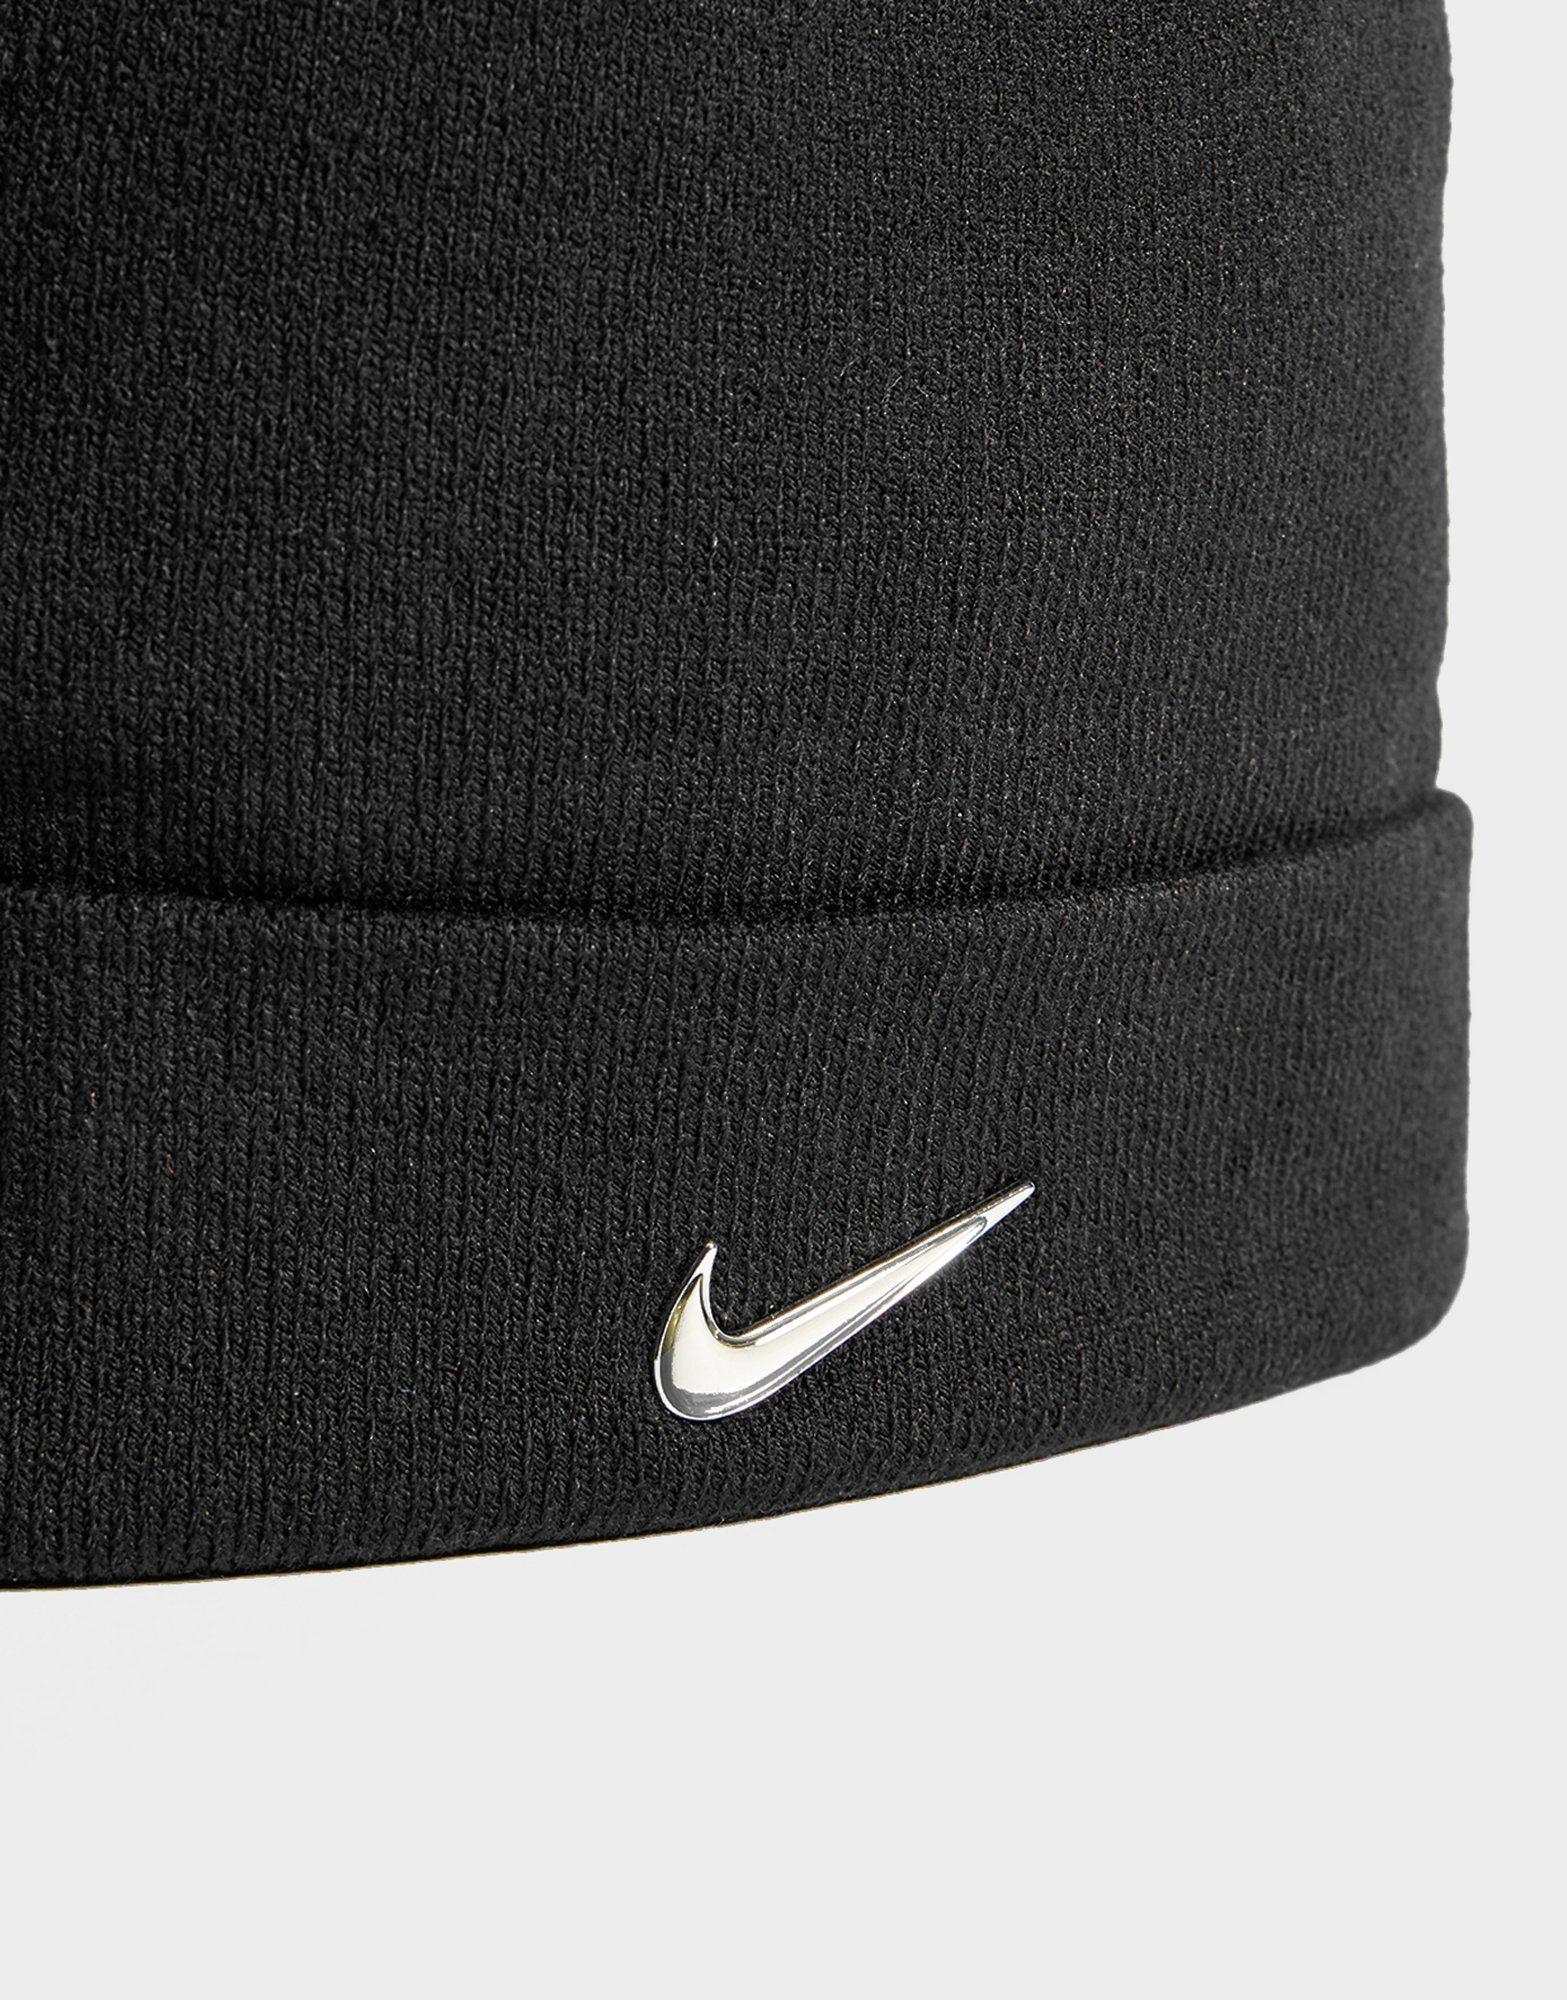 Nike Swoosh beanie-hat